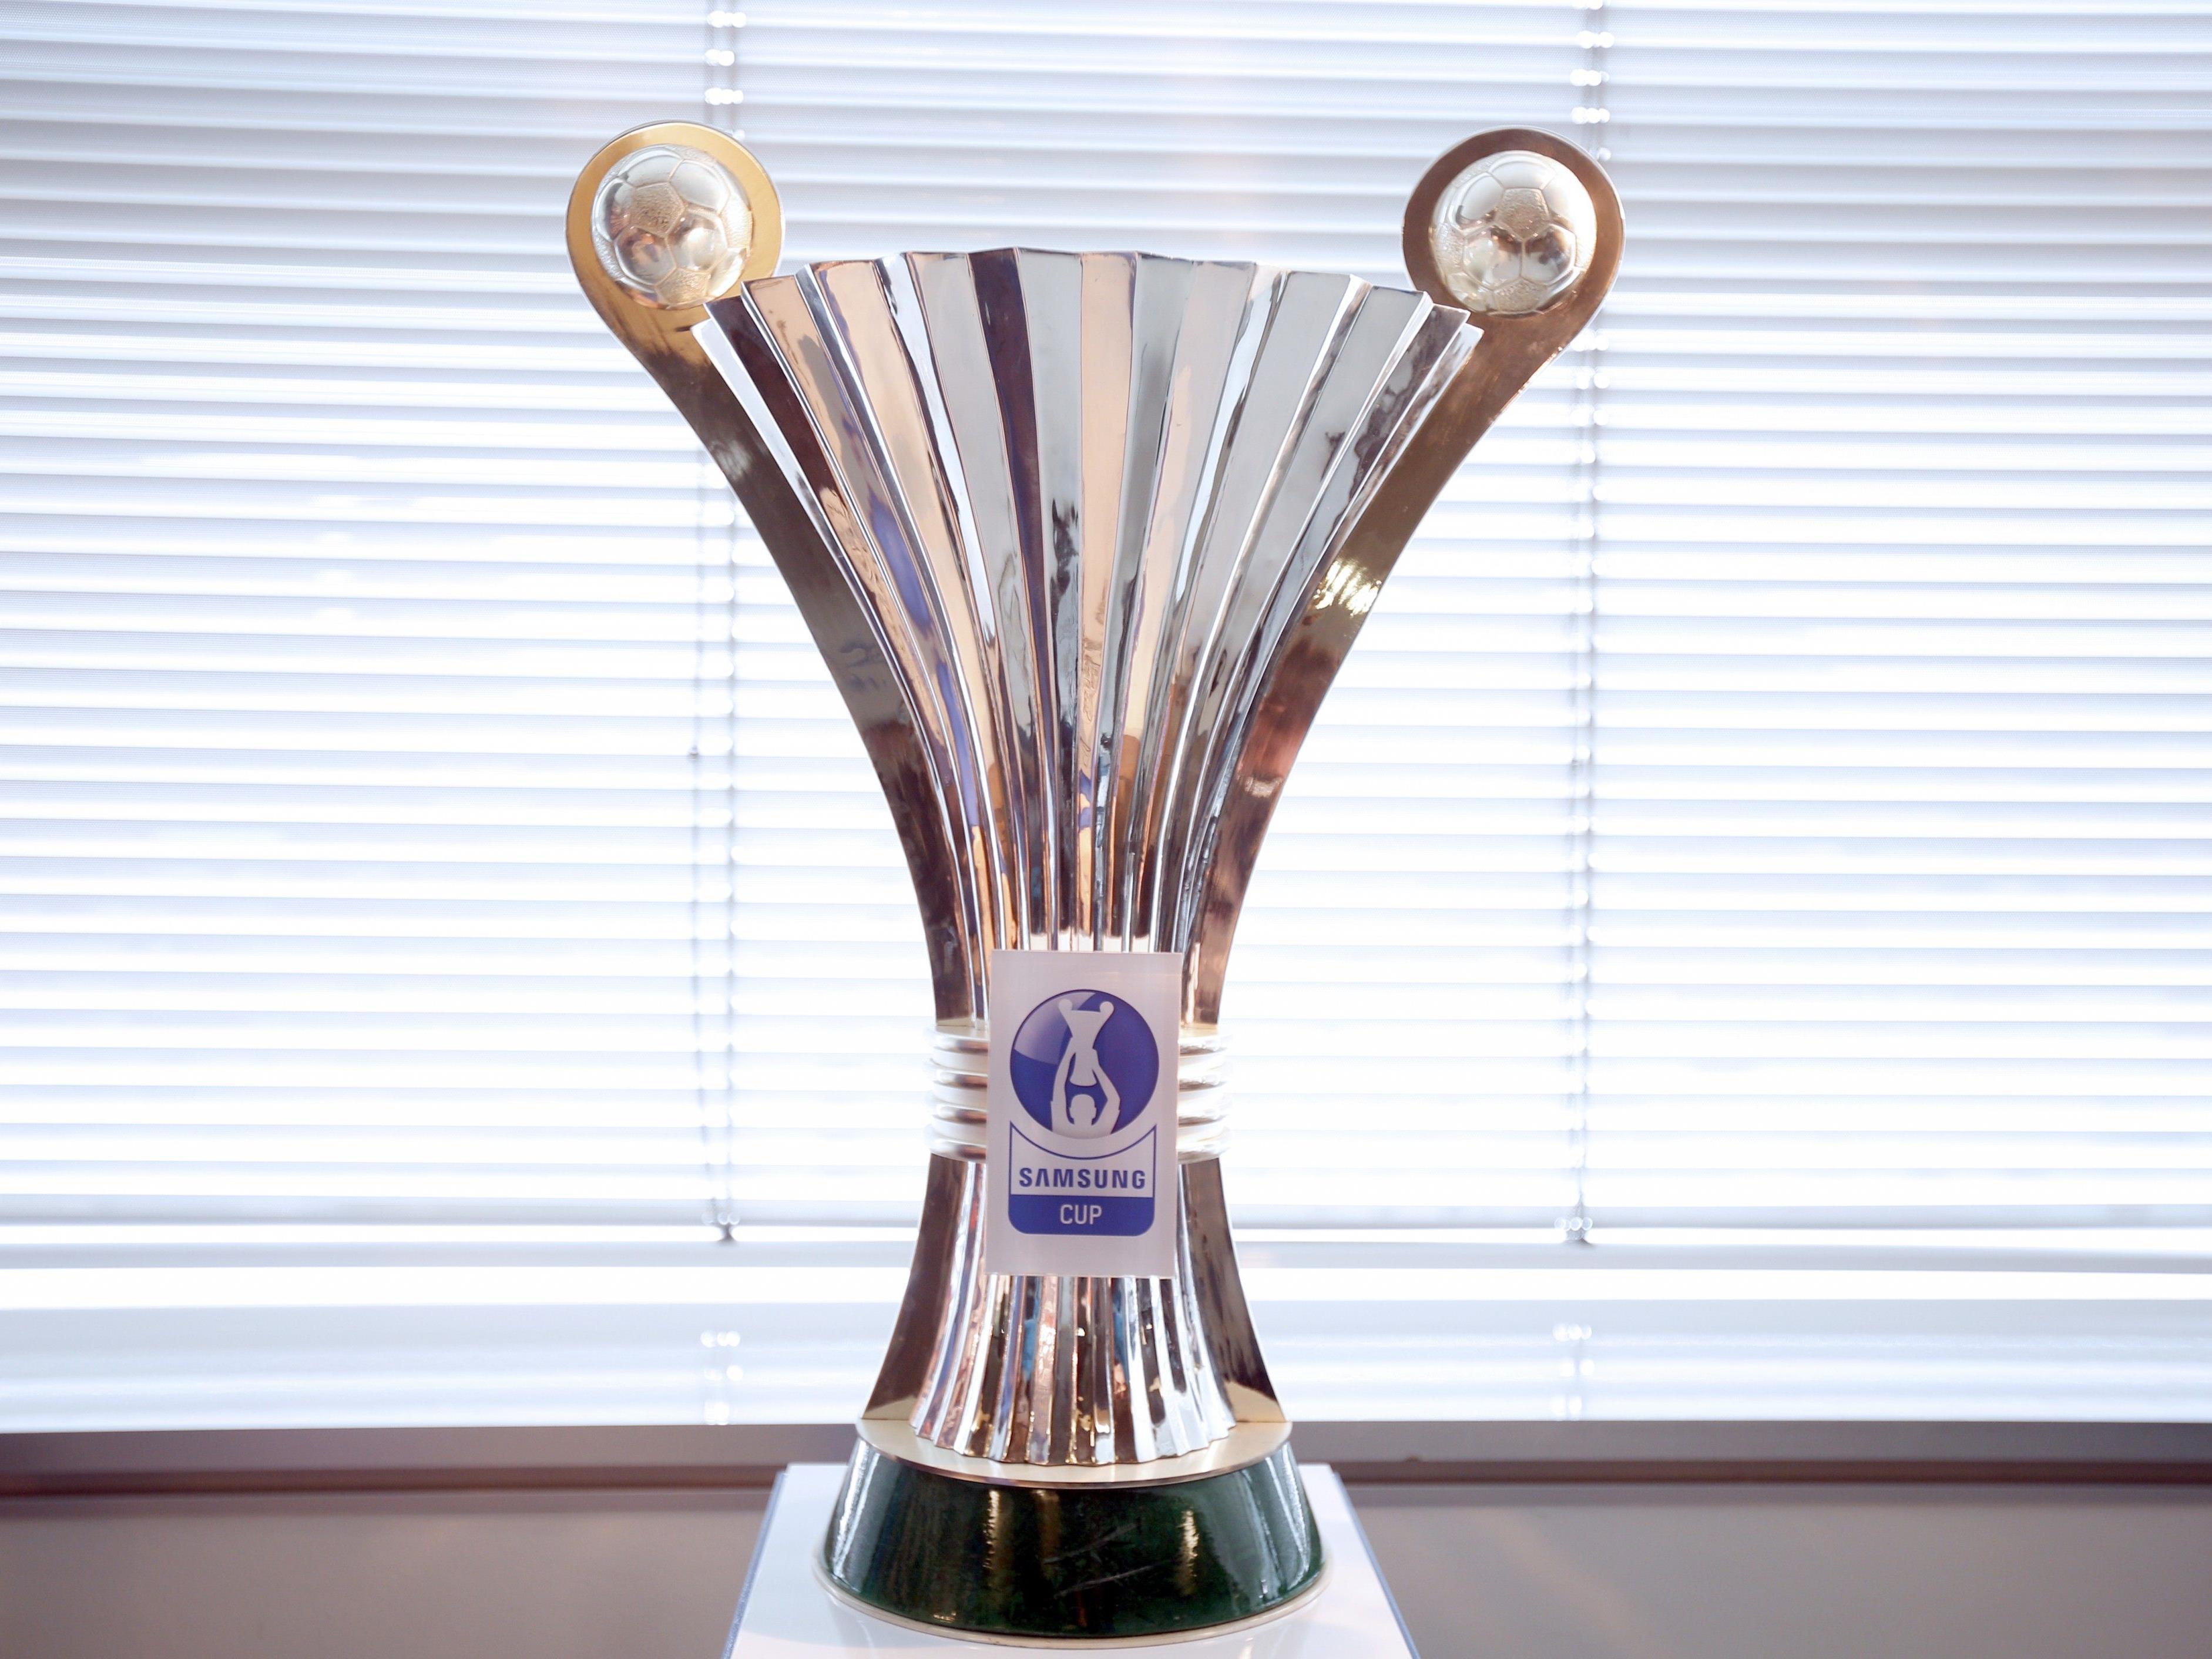 Alle 32 Spiele der ersten Runde des ÖFB-Cups sind live zu sehen.